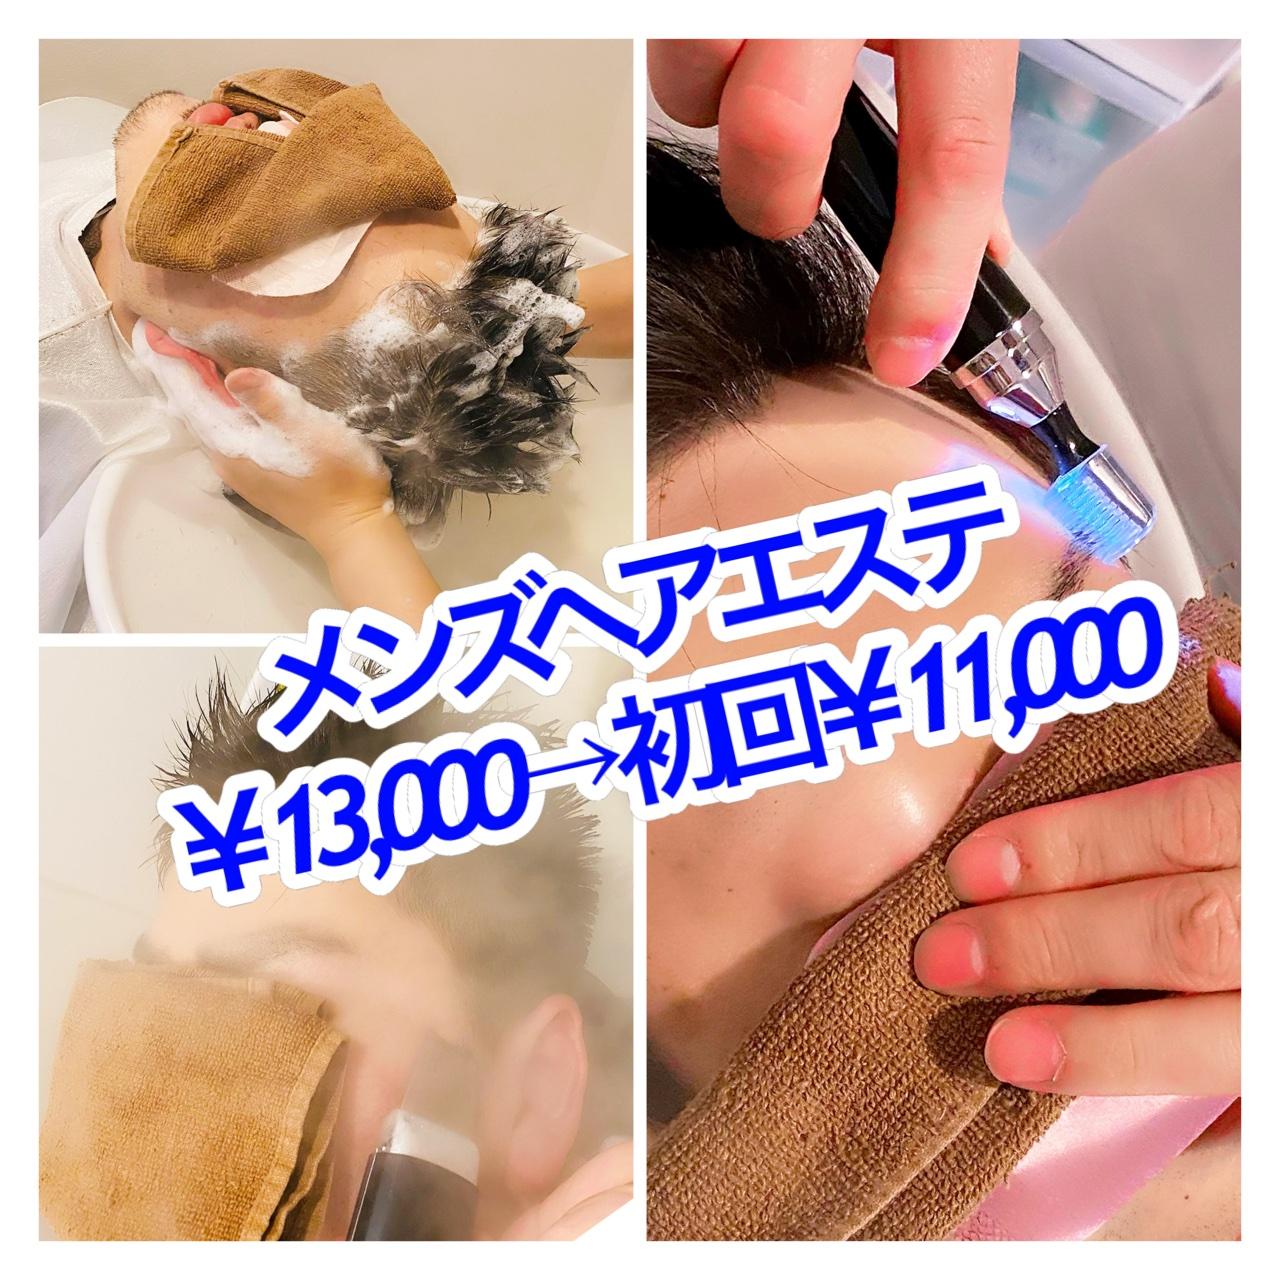 【今だけ!】メンズヘアエステを初回限定価格で!